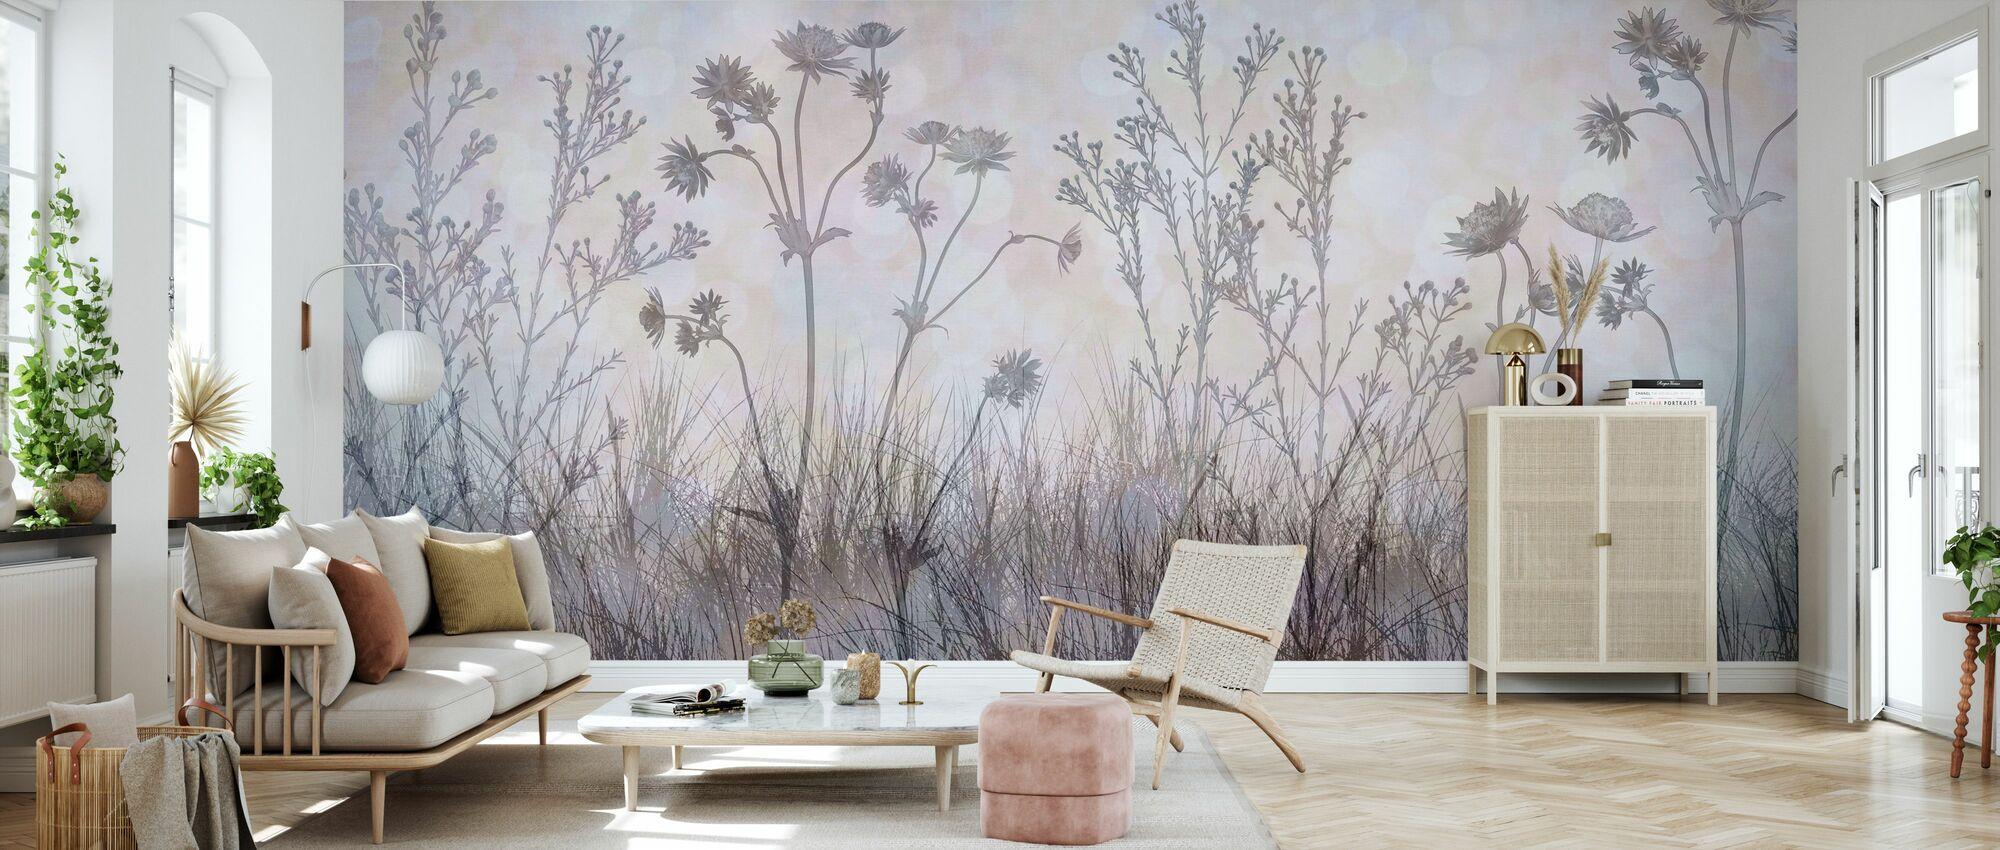 Vildblommor Foder Leden - Silver Lavendel - Tapet - Vardagsrum